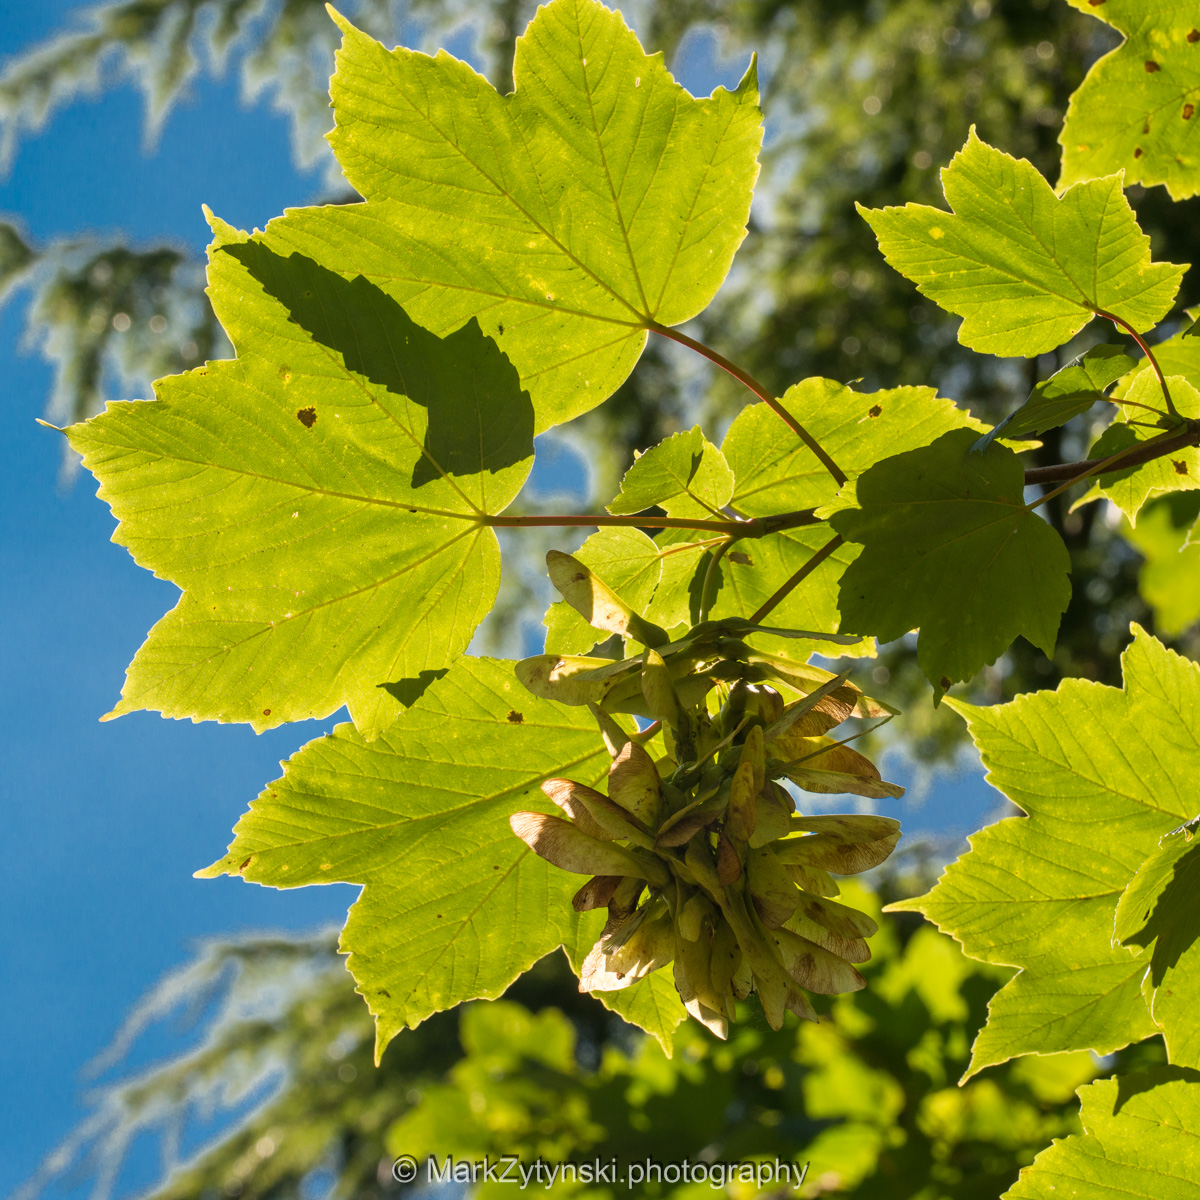 Zytynski-woodland-trust-5597.jpg